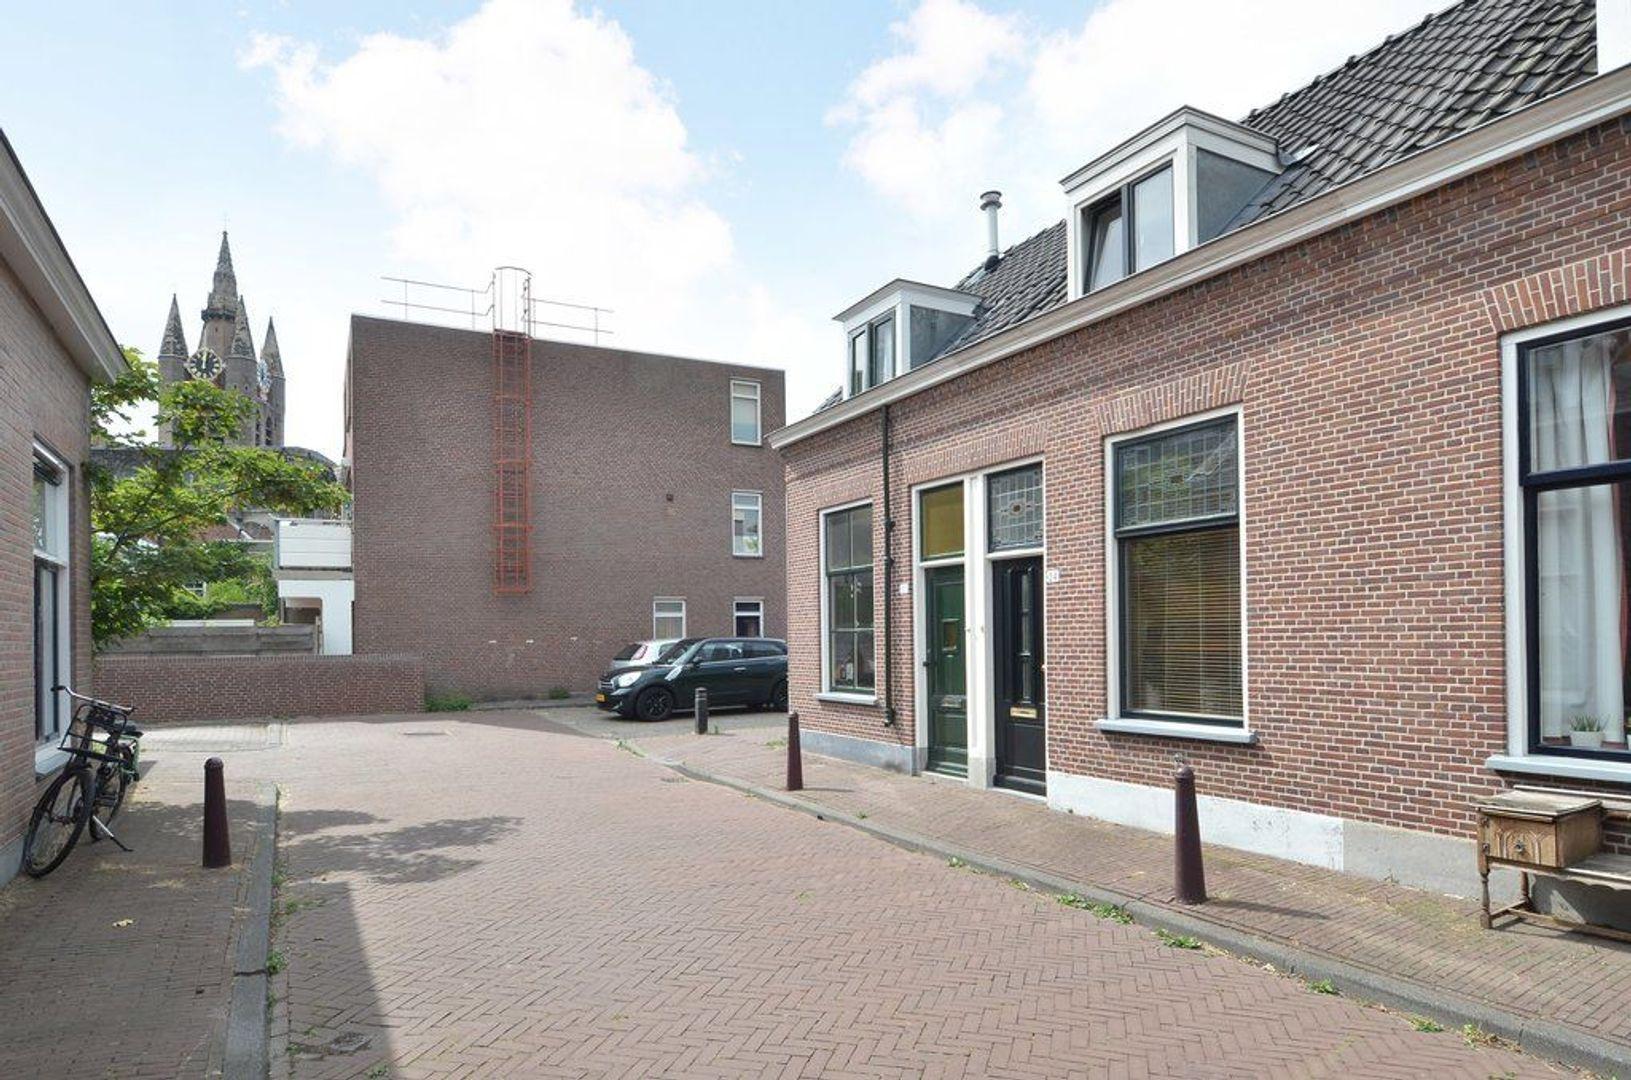 Minderbroerstraat 24, Delft foto-25